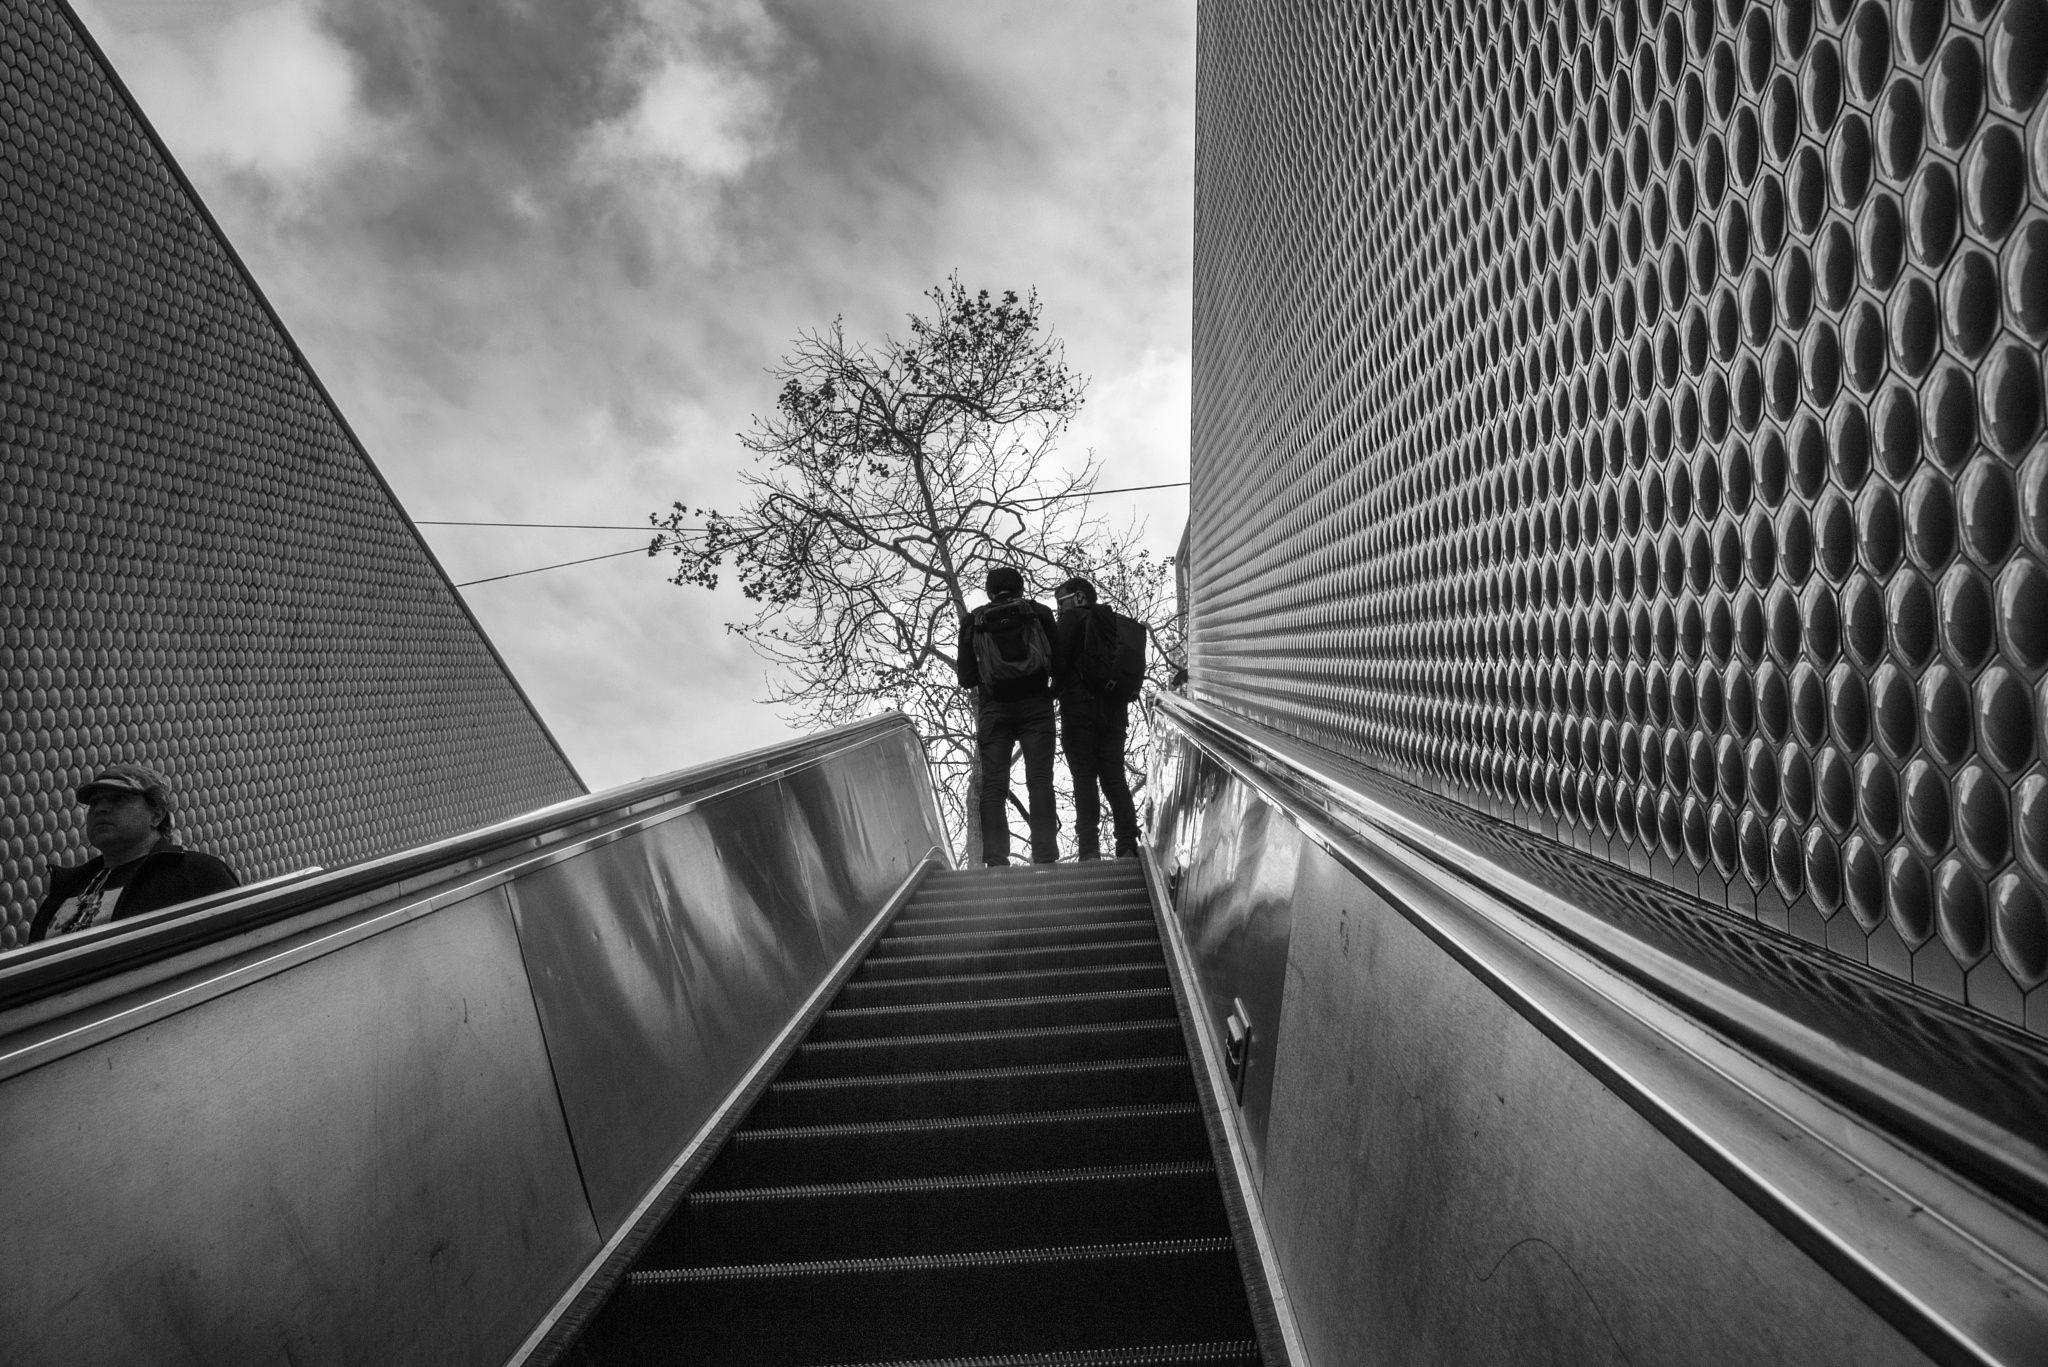 Ascending (San Francisco) by Jim Watkins on 500px